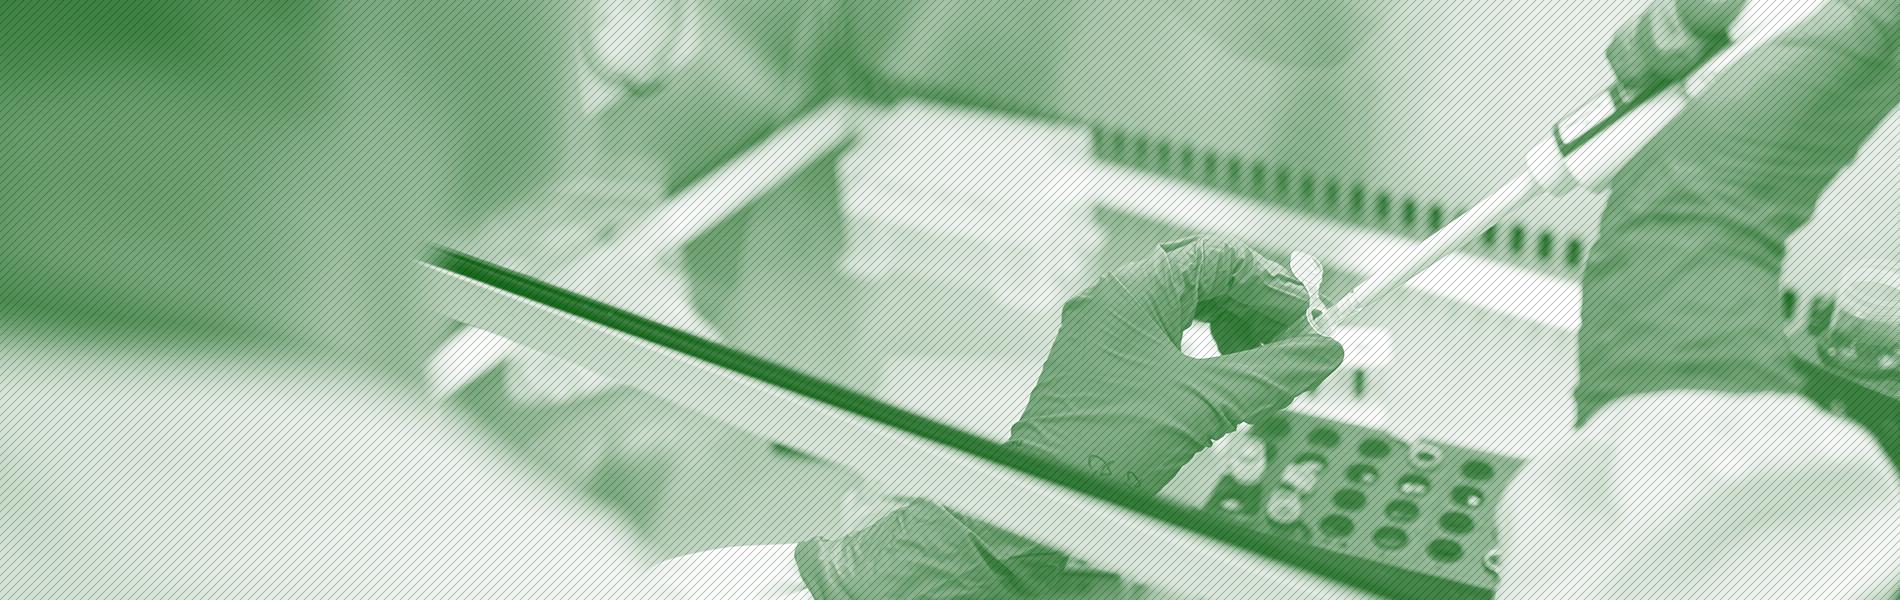 imagem com filtro verde de pesquisador manipulando material de laboratório